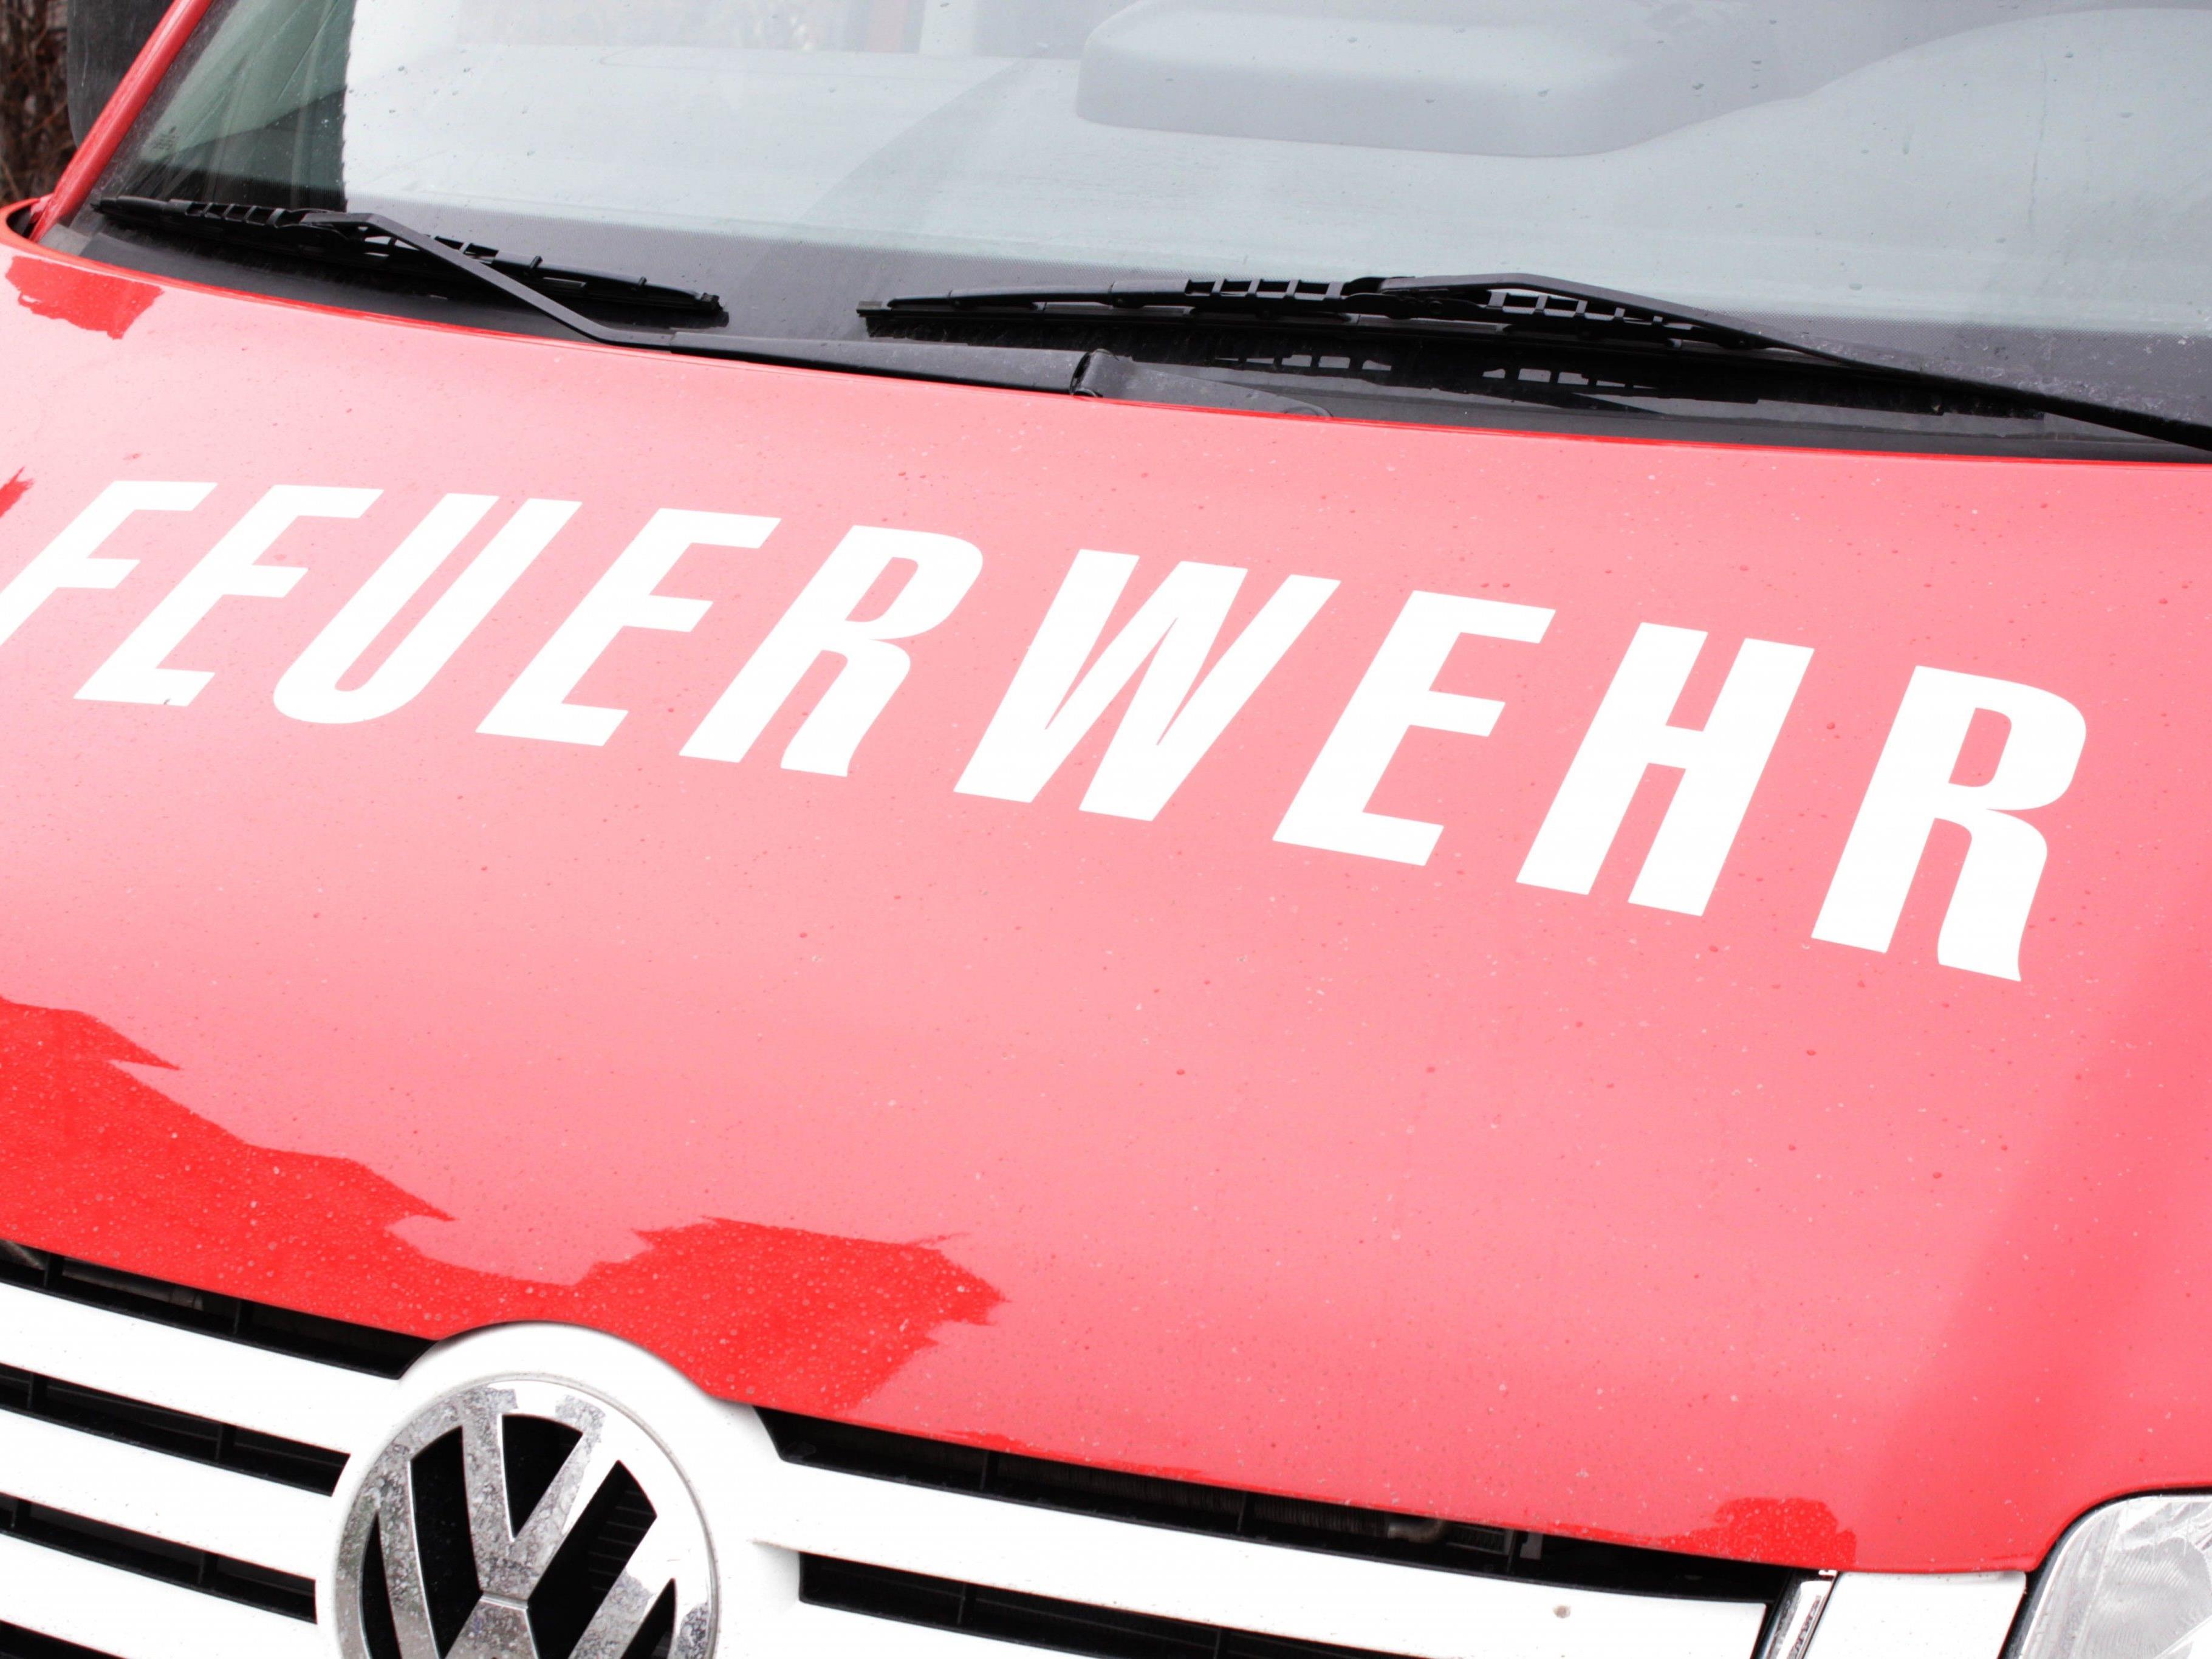 Eine 75-jährige Frau wurde aus dem Hafenbecken in Wien gerettet.